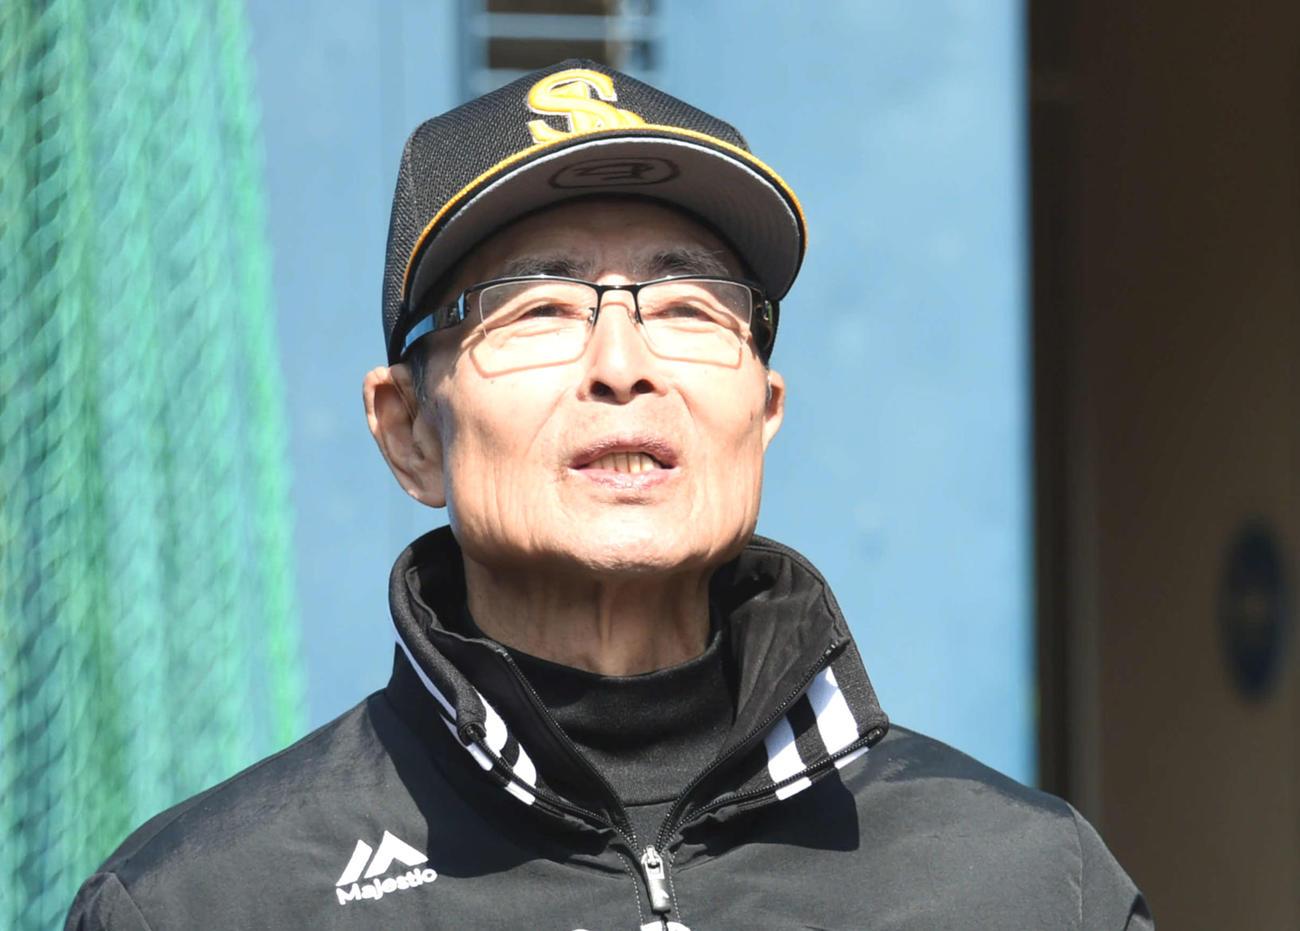 ソフトバンク王貞治球団会長(2020年2月11日撮影)